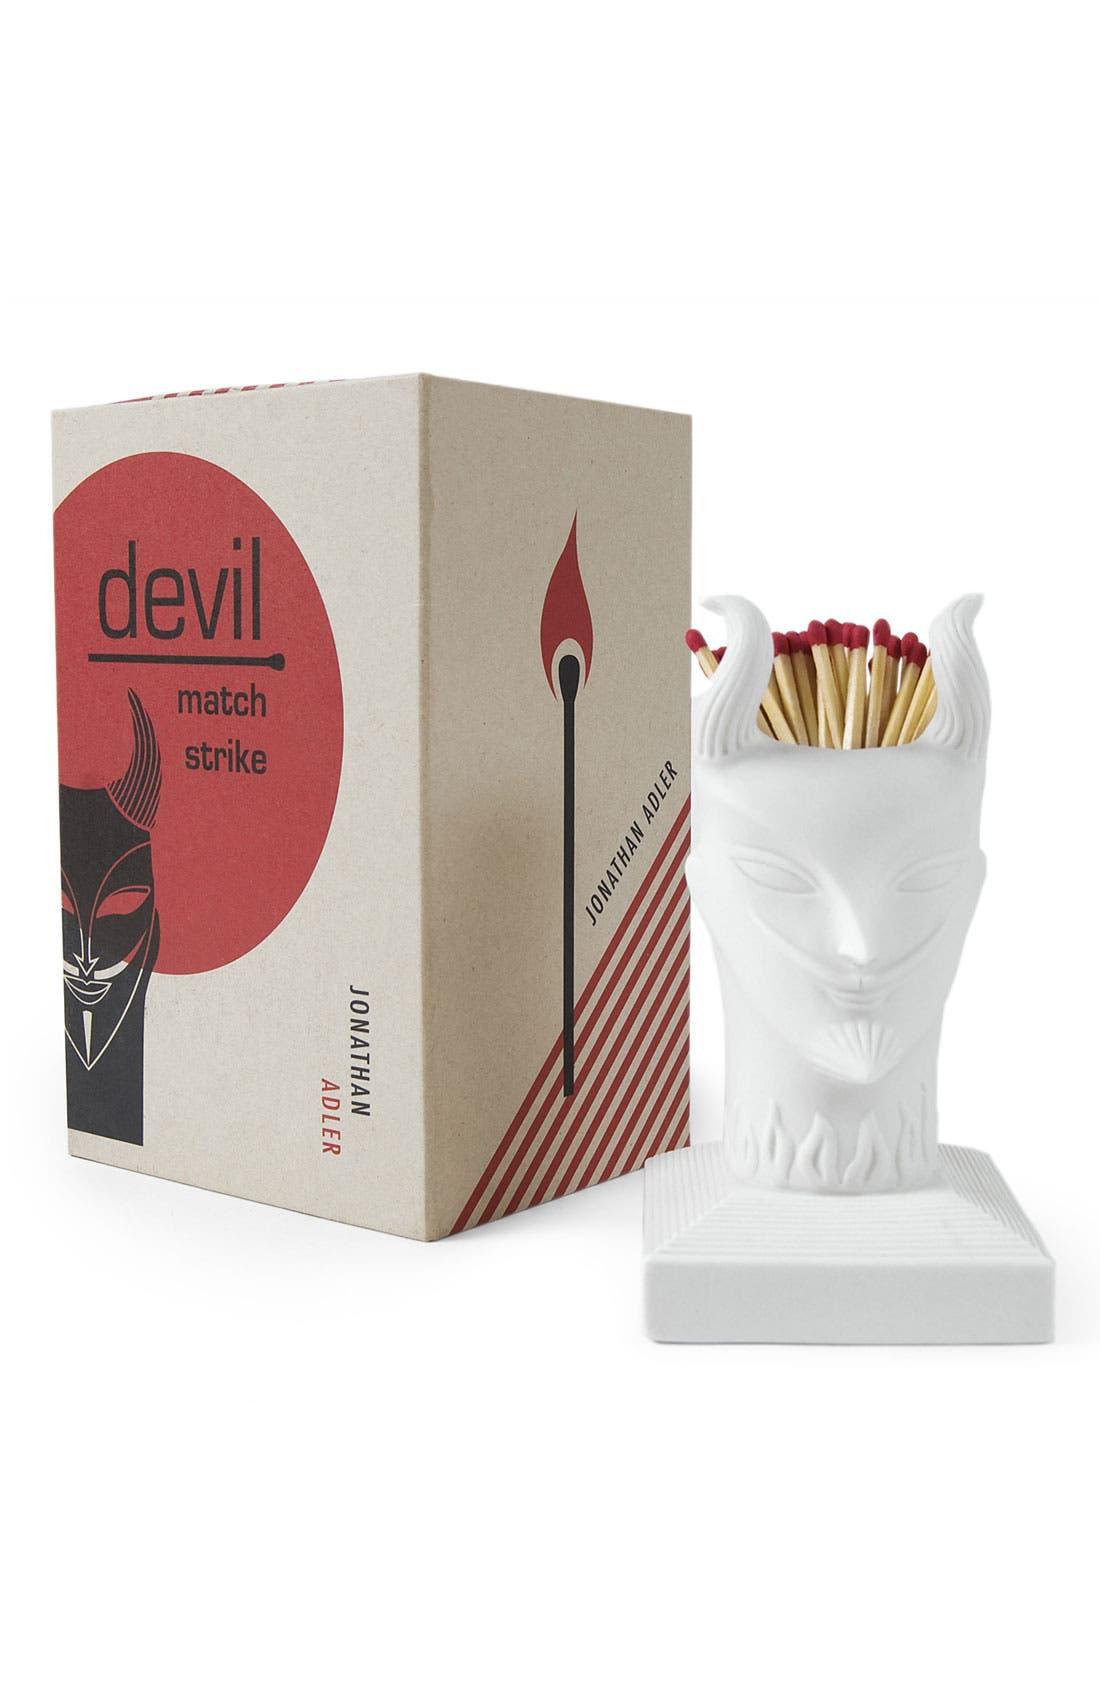 Alternate Image 1 Selected - Jonathan Adler 'Devil' Porcelain Match Strike